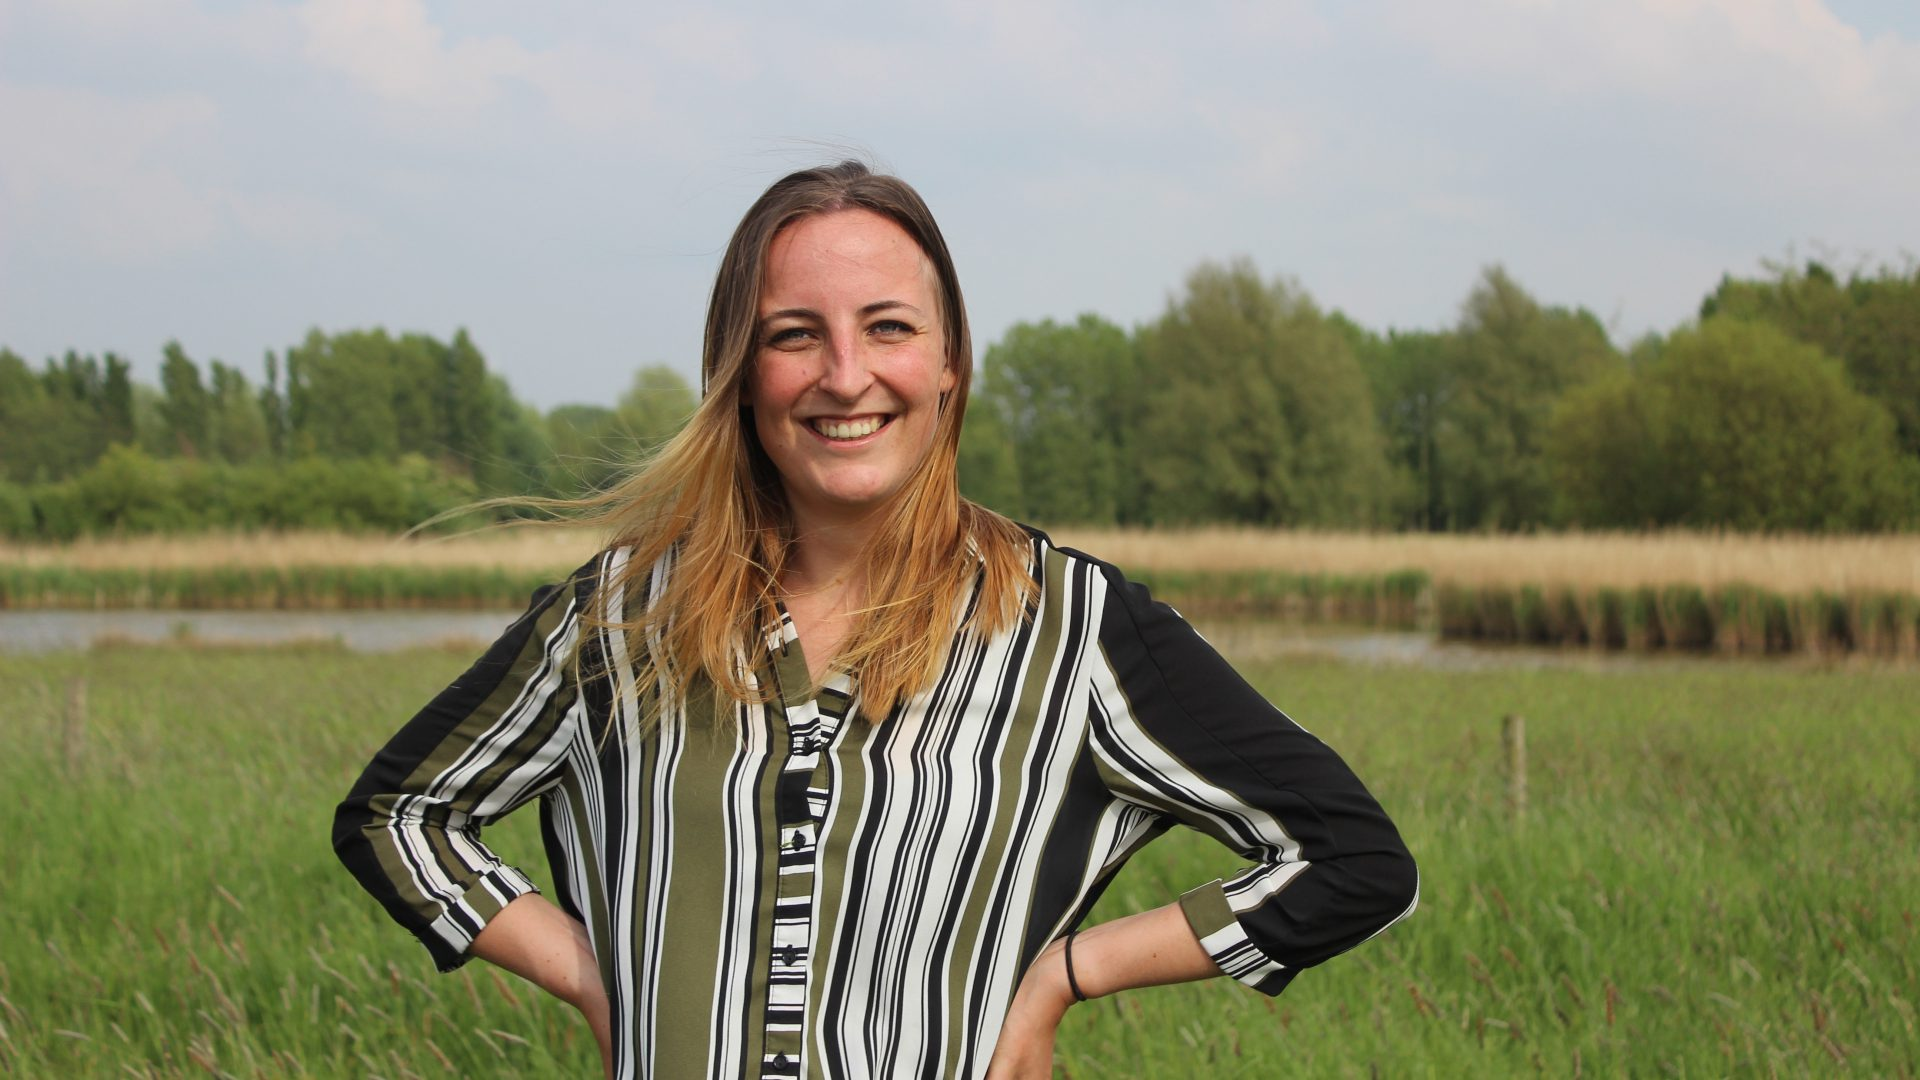 Sarah van der Poll